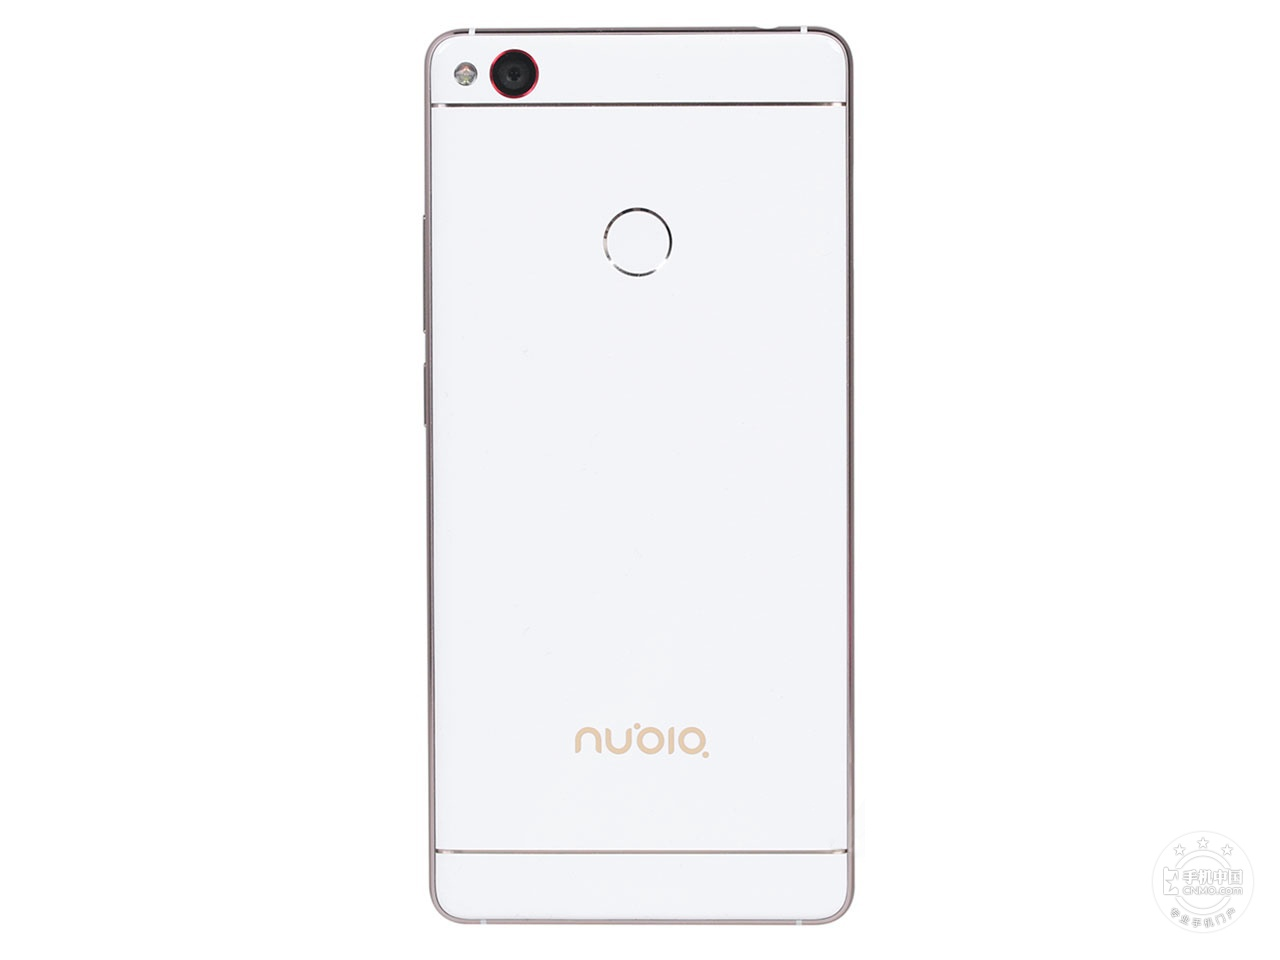 努比亚Z11白金版整体外观第6张